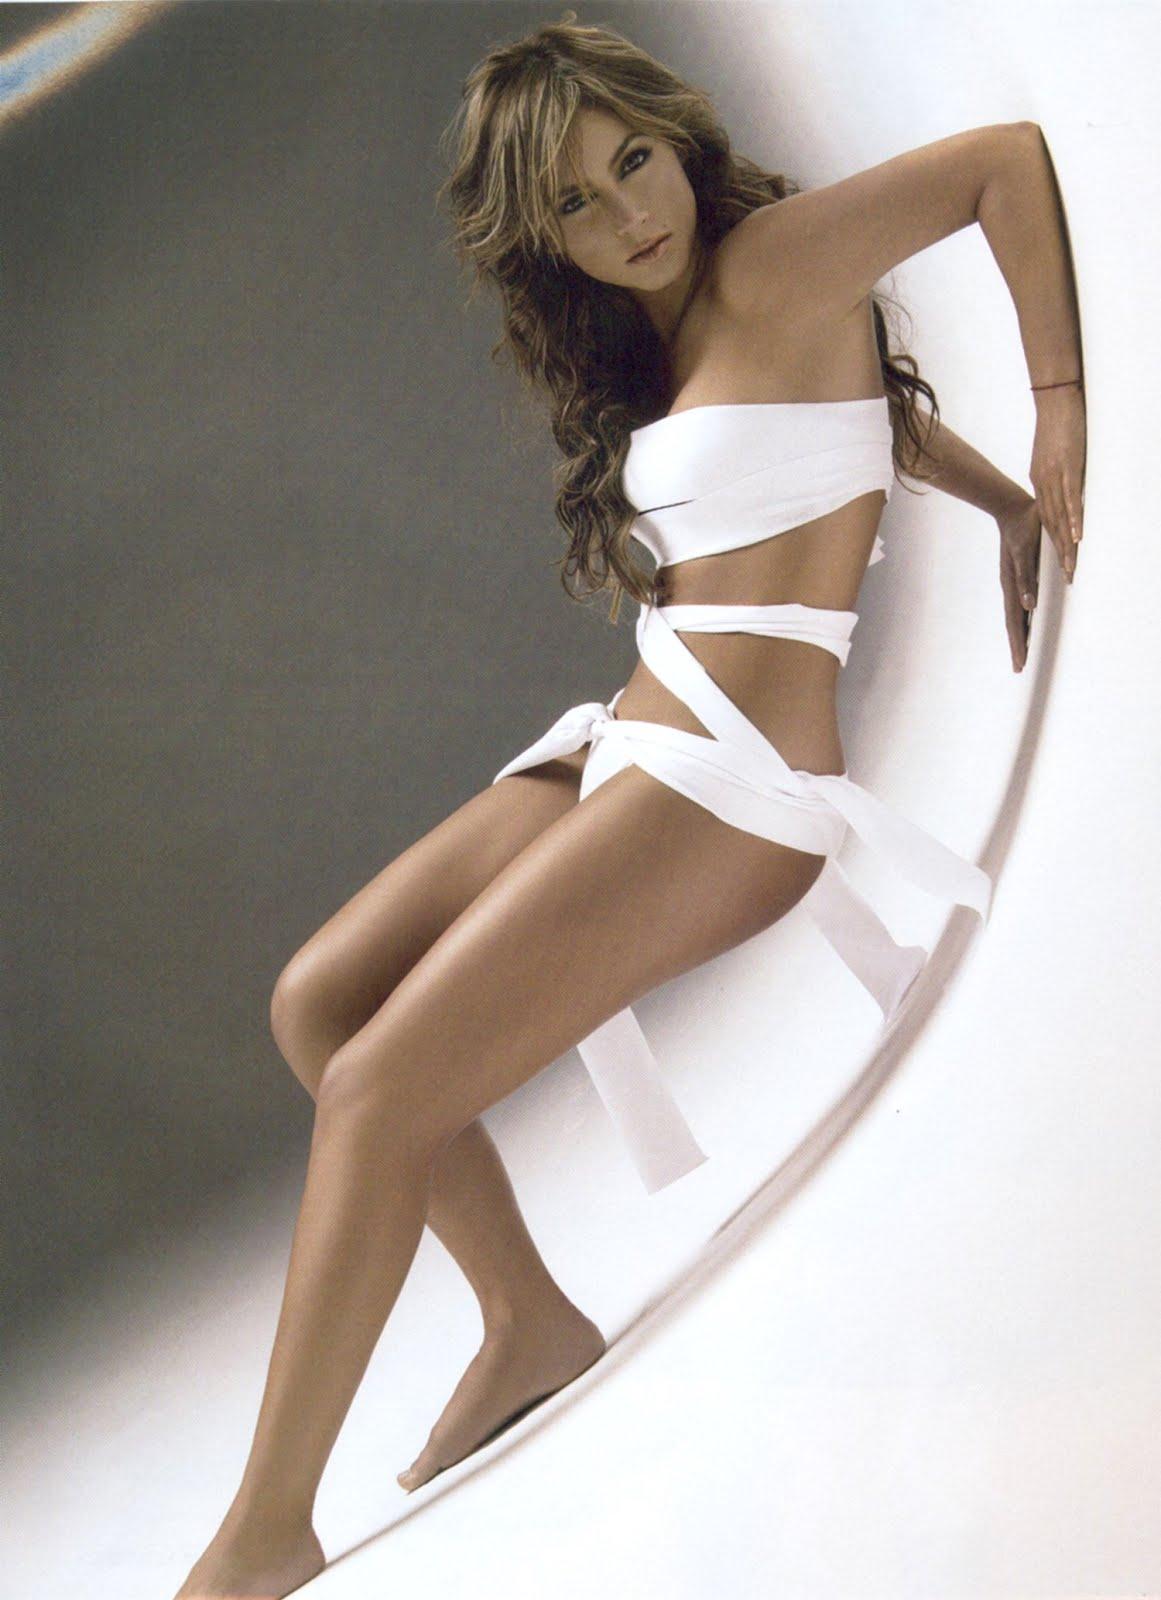 Claudia Lizaldi una chiquitita muy sexy   BellezasNaturalex